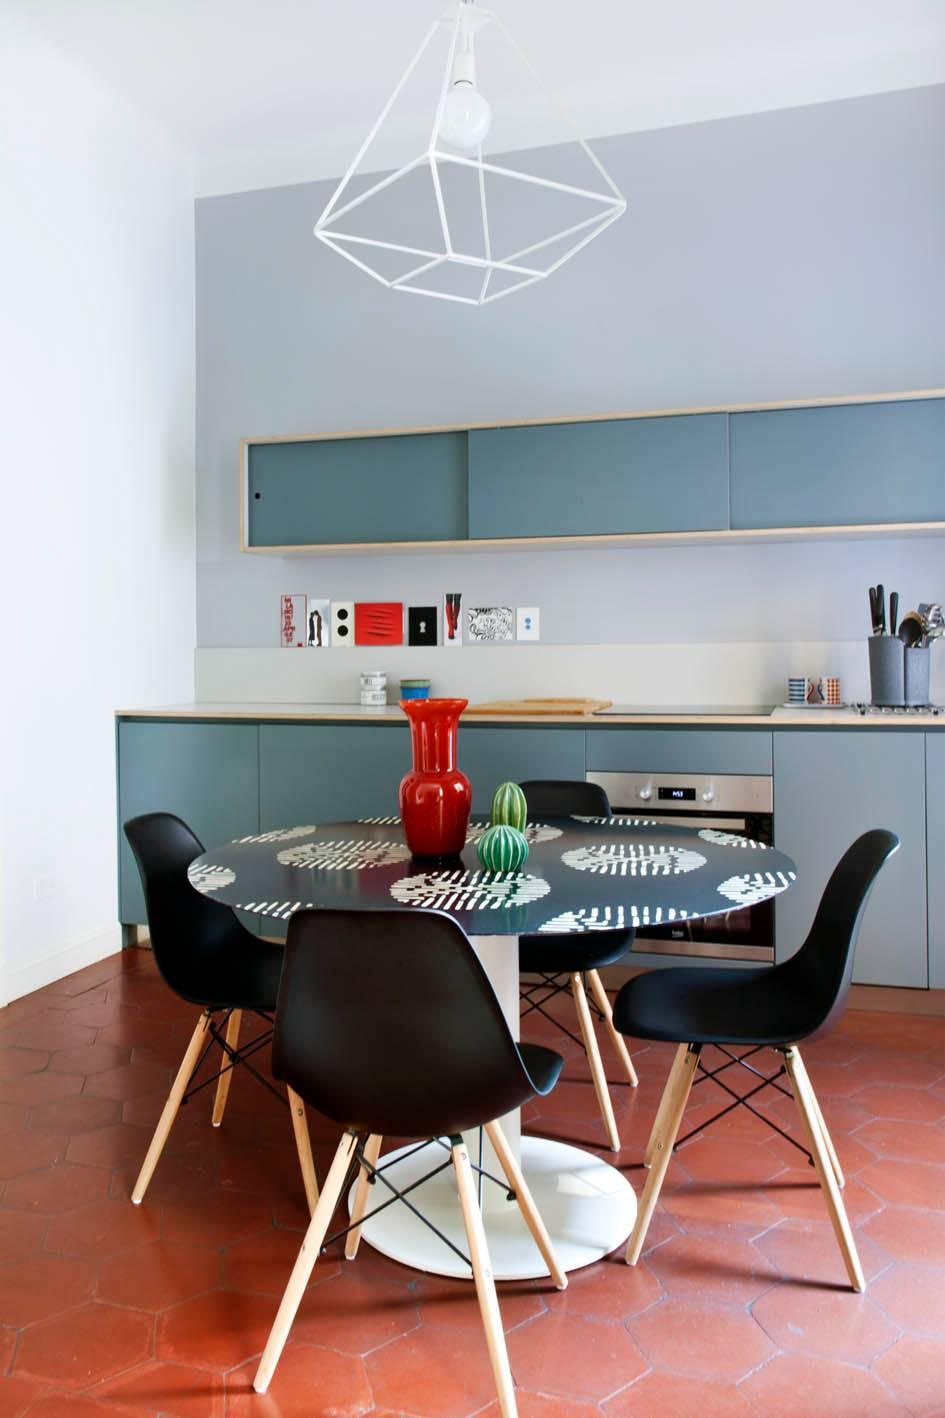 Se desideri completare l'arredamento del tuo soggiorno o della tua cucina con un tavolo allungabile dal design pregiato, che sia anche a prezzo scontato, sei sul portale outlet d'arredamento giusto per te! Come Abbinare Tavolo E Sedie 10 Soluzioni Da Copiare Cose Di Casa